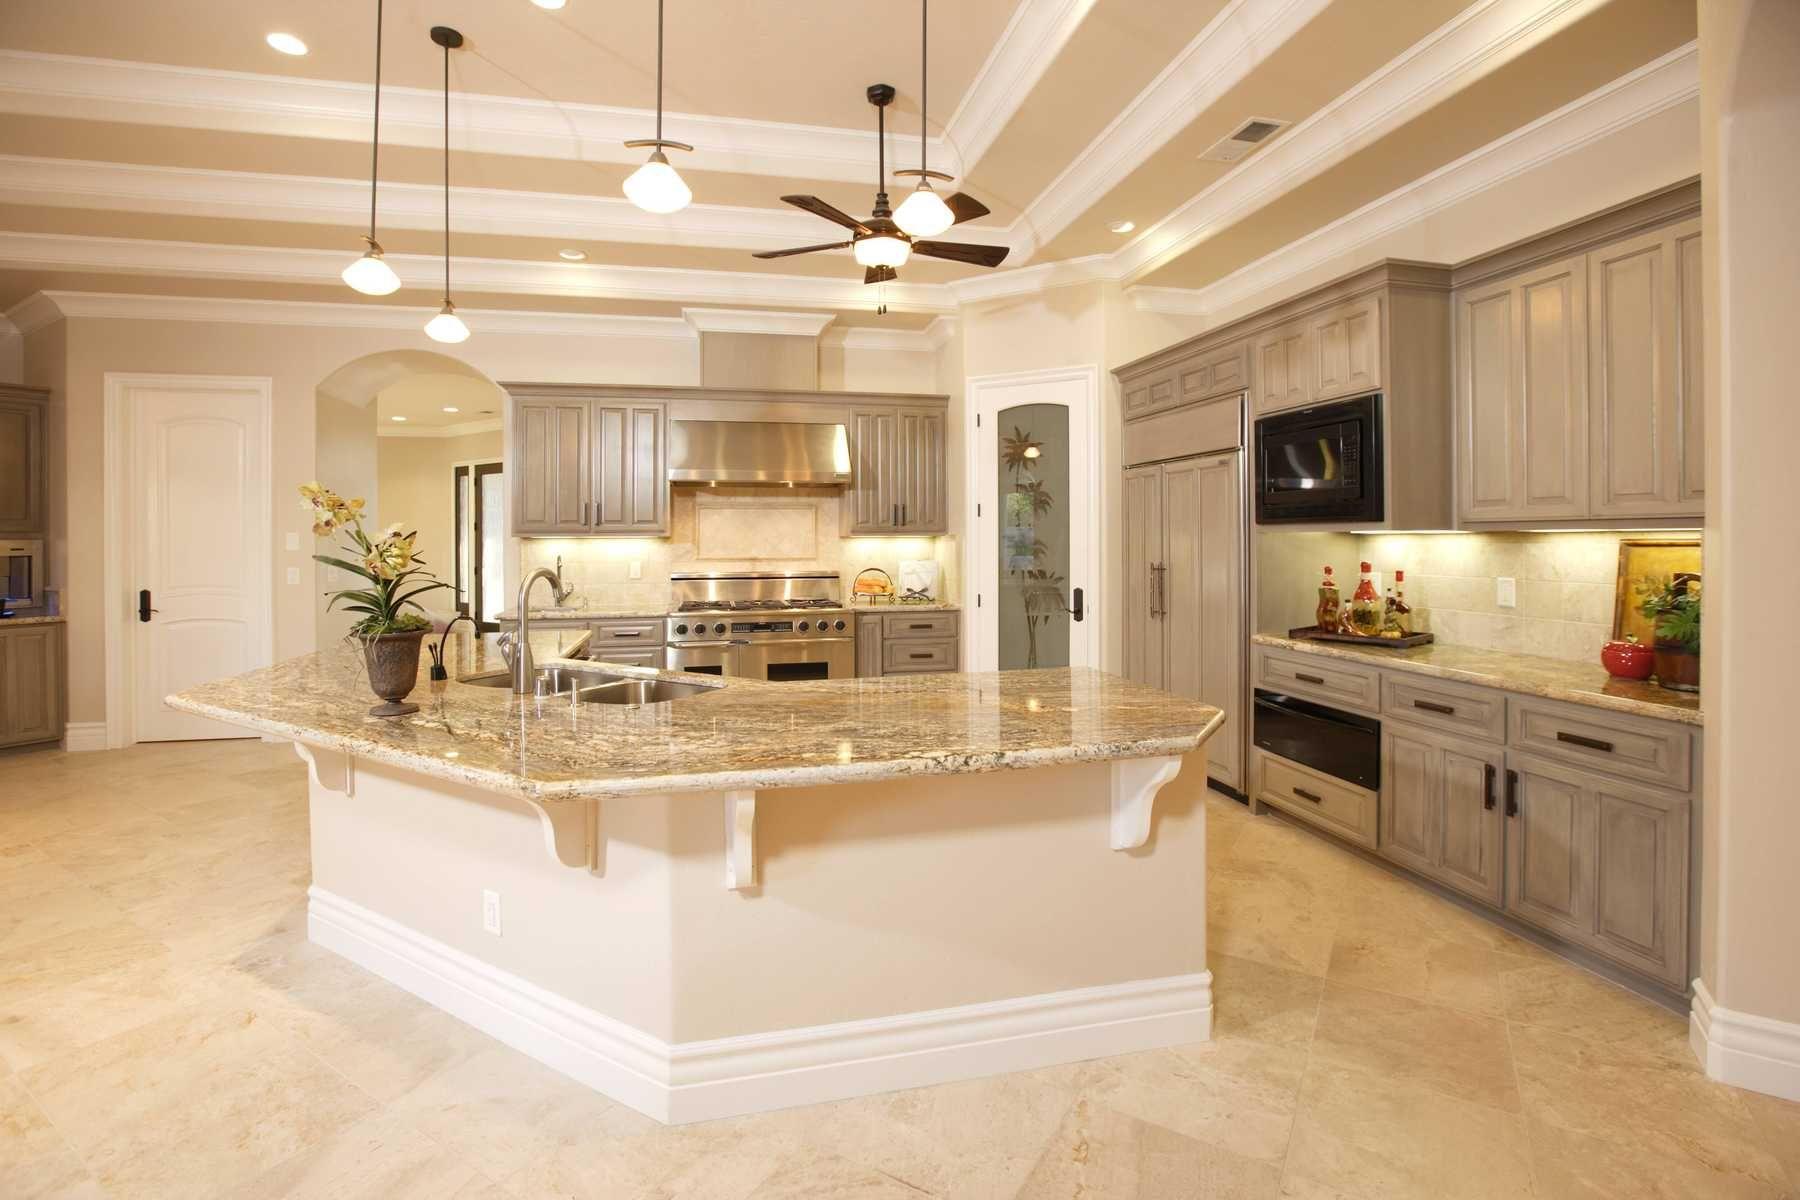 Phong cách trang trí nhà bếp tối giản hiện đại